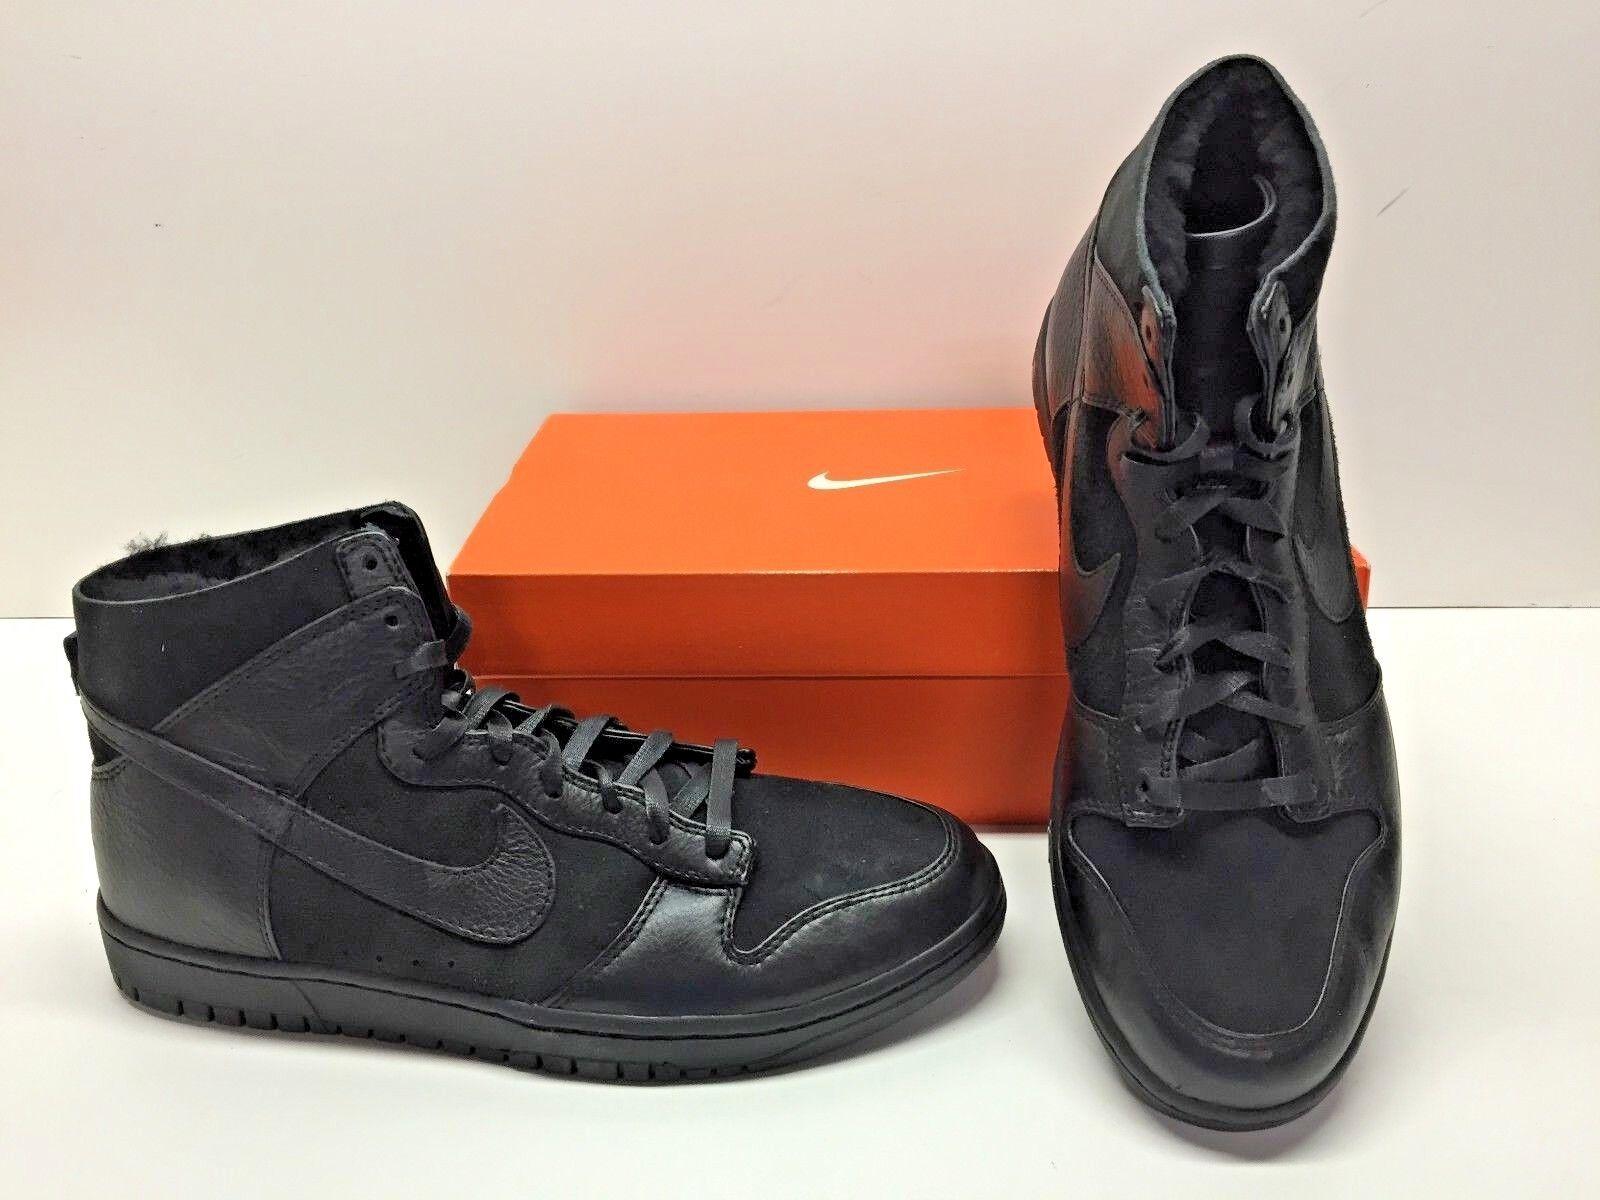 Nike atletico e lux sp sherpa, allenatore di pallacanestro nero atletico Nike scarpe scarpe Uomo 11 7d5af0